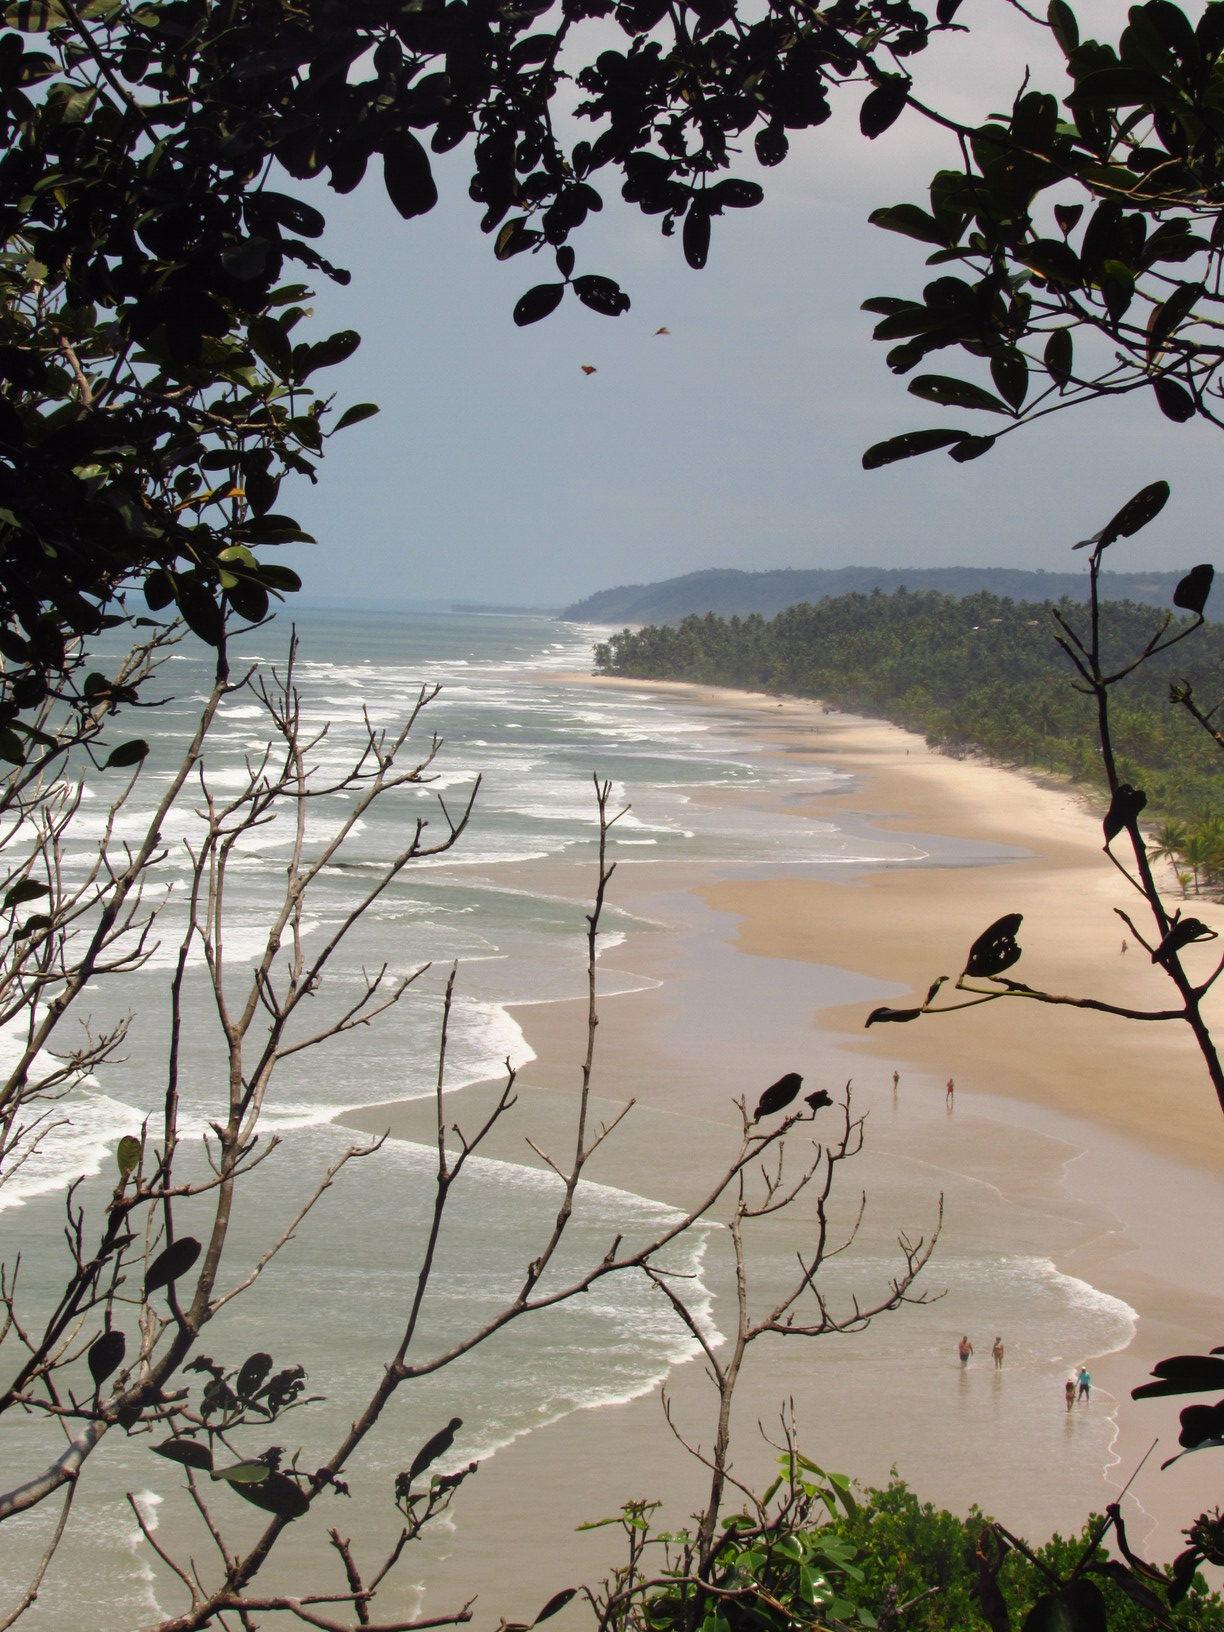 praia itacarezinho itacare bahia